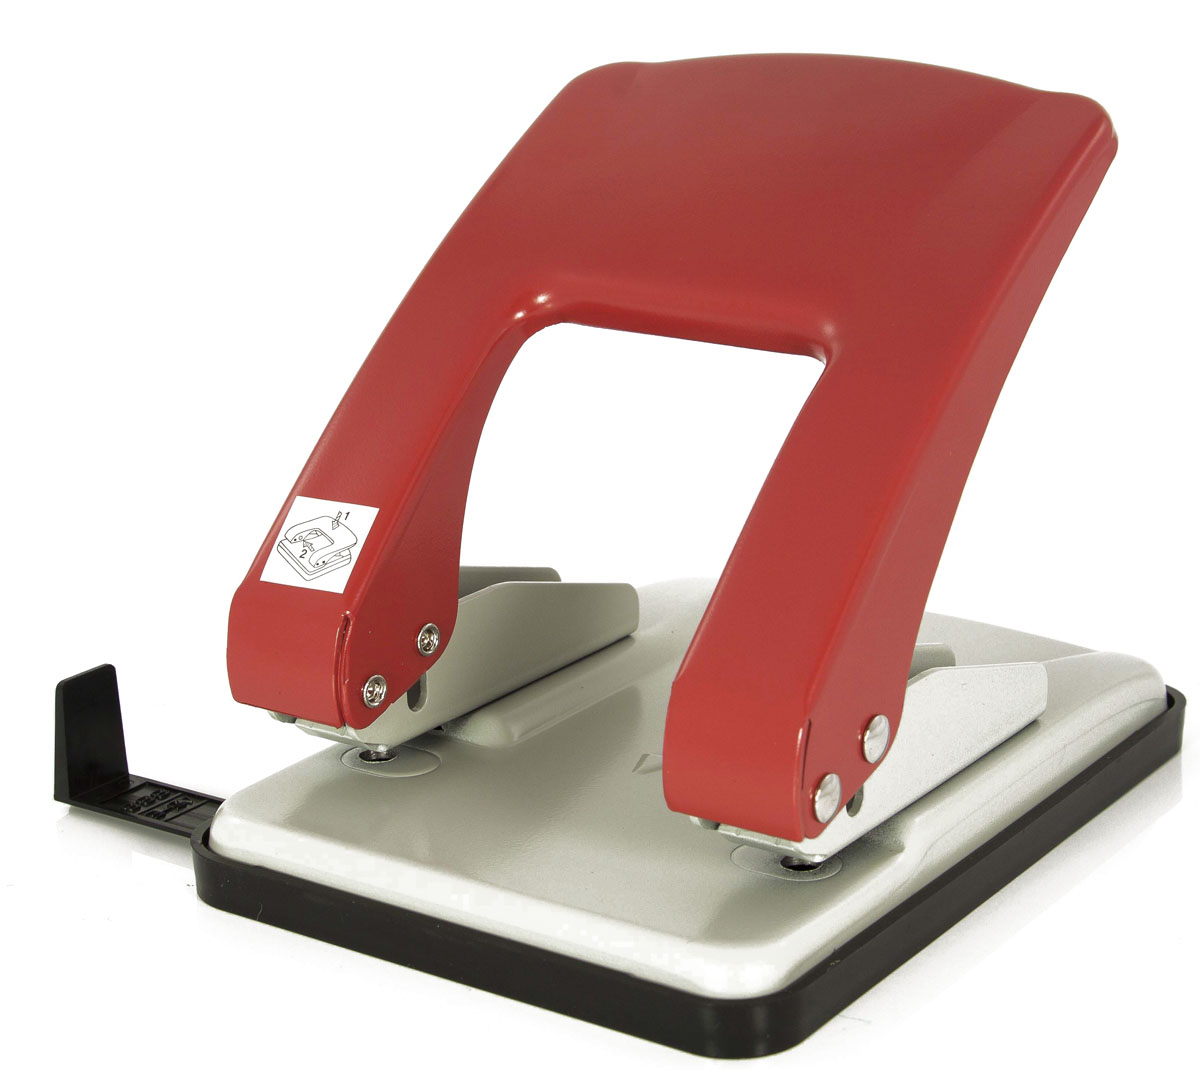 KW-Тrio Дырокол Stylish цвет серый красный976gr/redОфисный дырокол KW-Тrio Stylish изготовлен из металла и пластика.Дырокол снабжен пластиковой выдвижной линейкой и поддоном для конфетти.